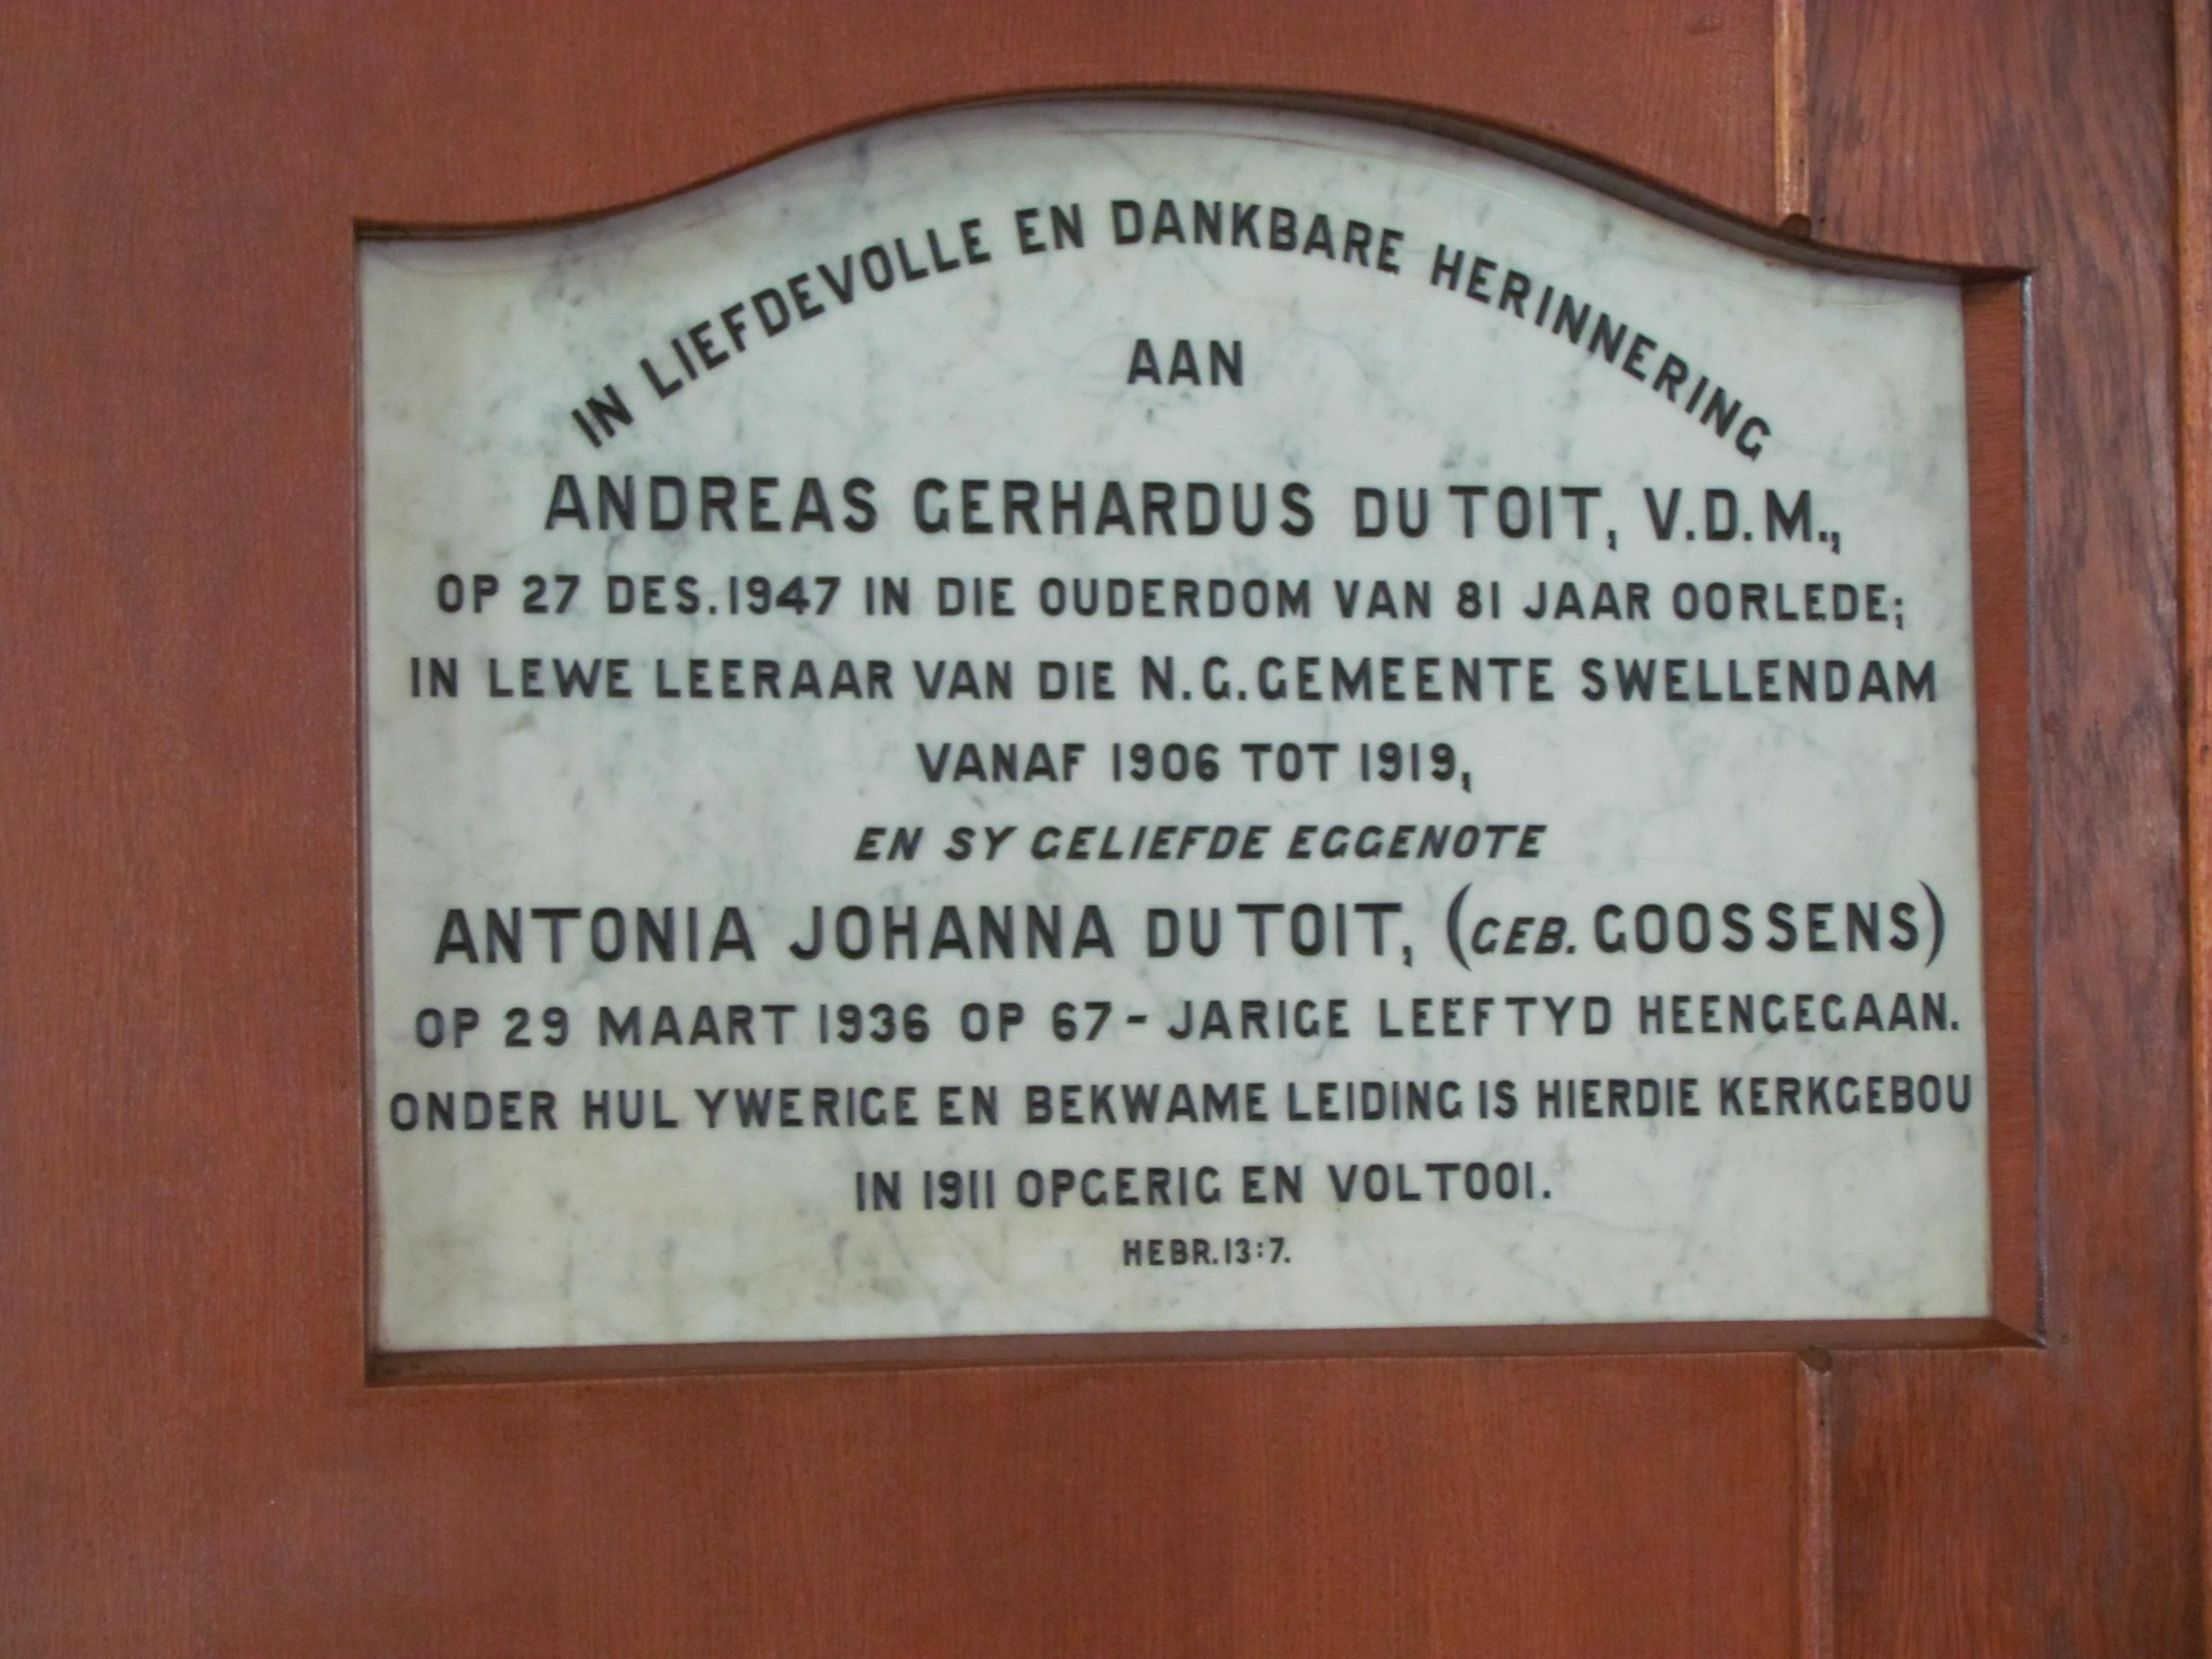 Ds. AG du Toit het die hoeksteen van die nuwe kerkgebou in 1911 gelê